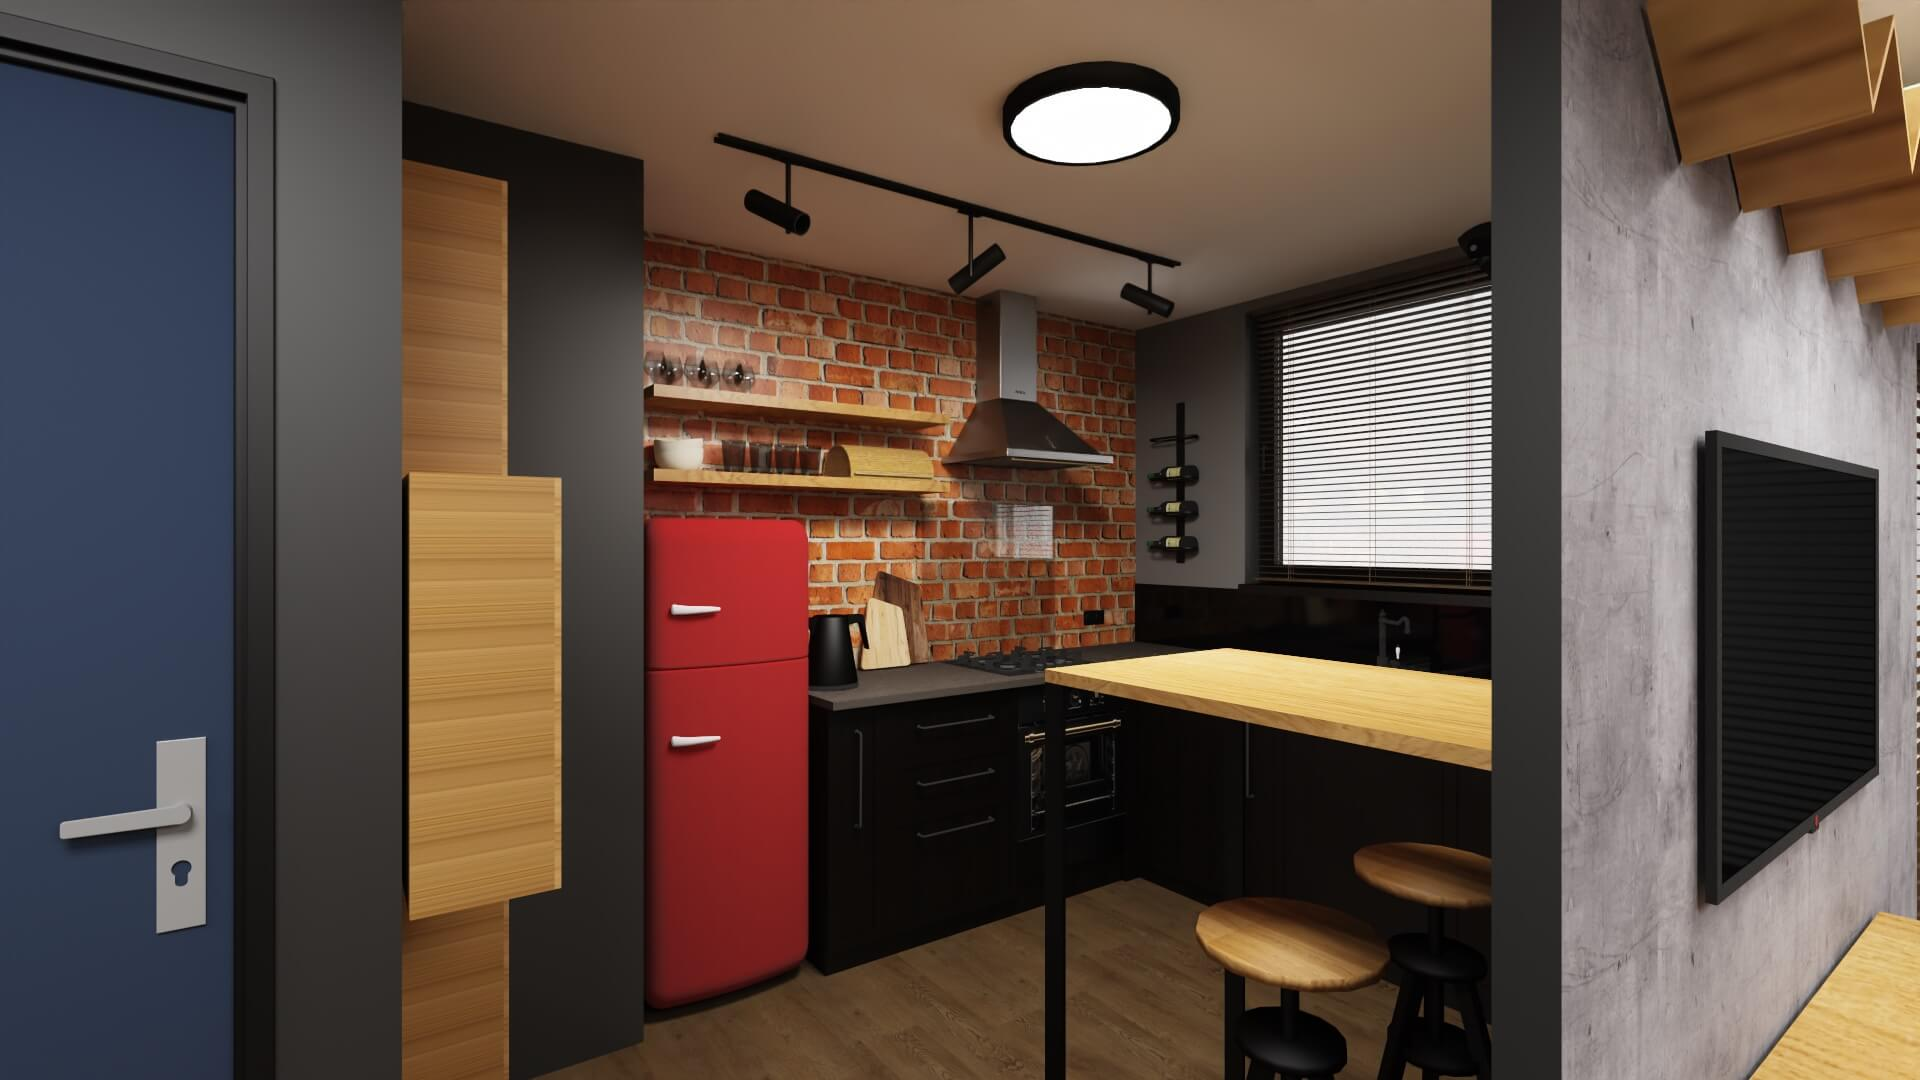 męskie mieszkanie, projekt kuchni - czerwona lodówka